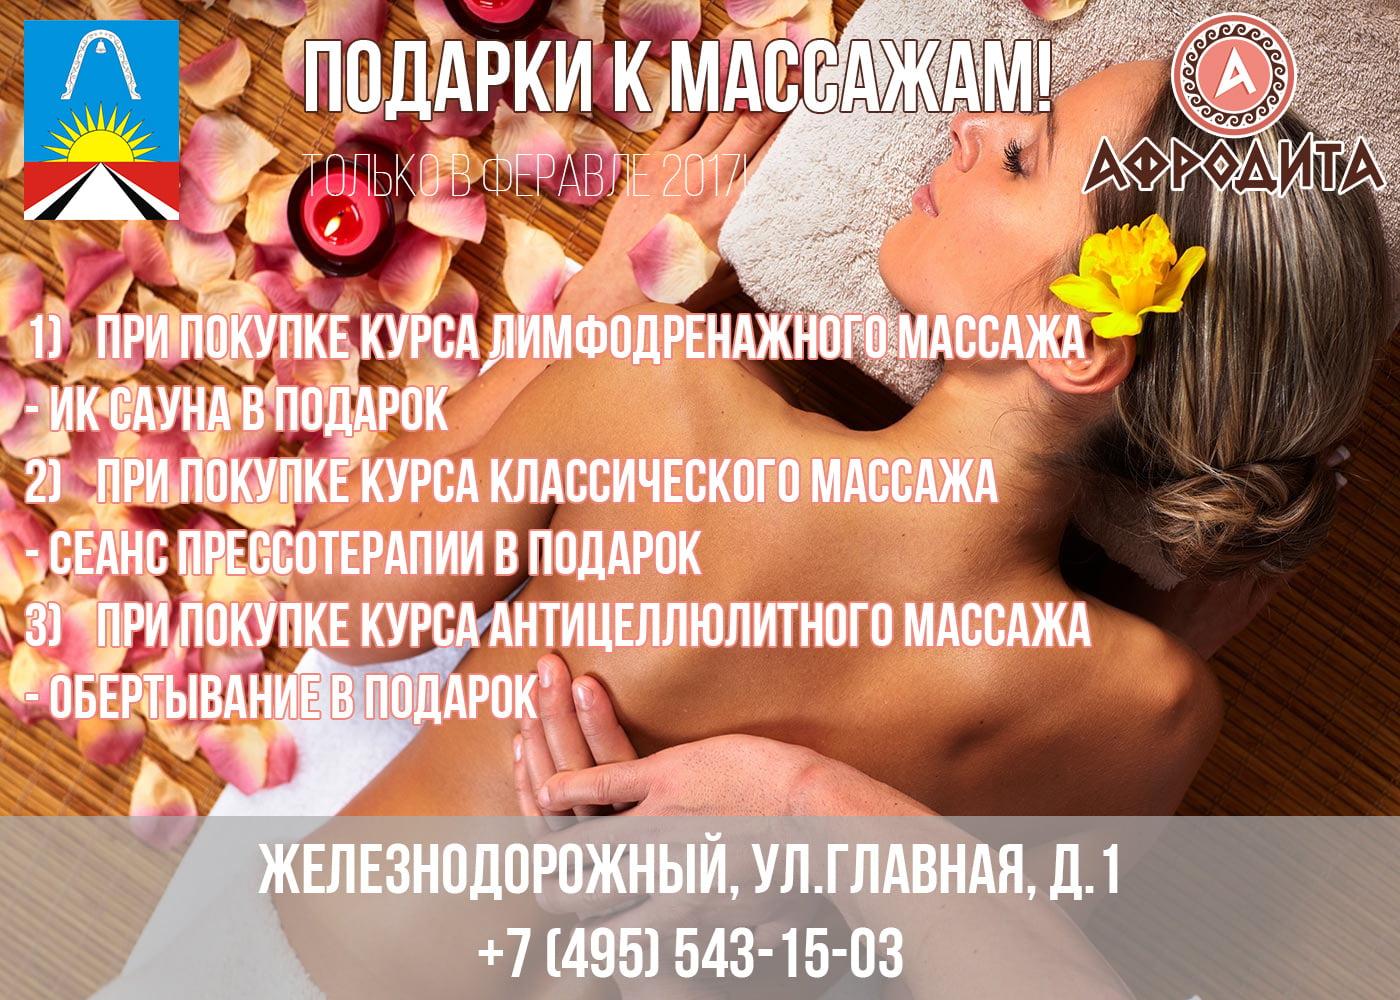 Поздравление массажисту женщине